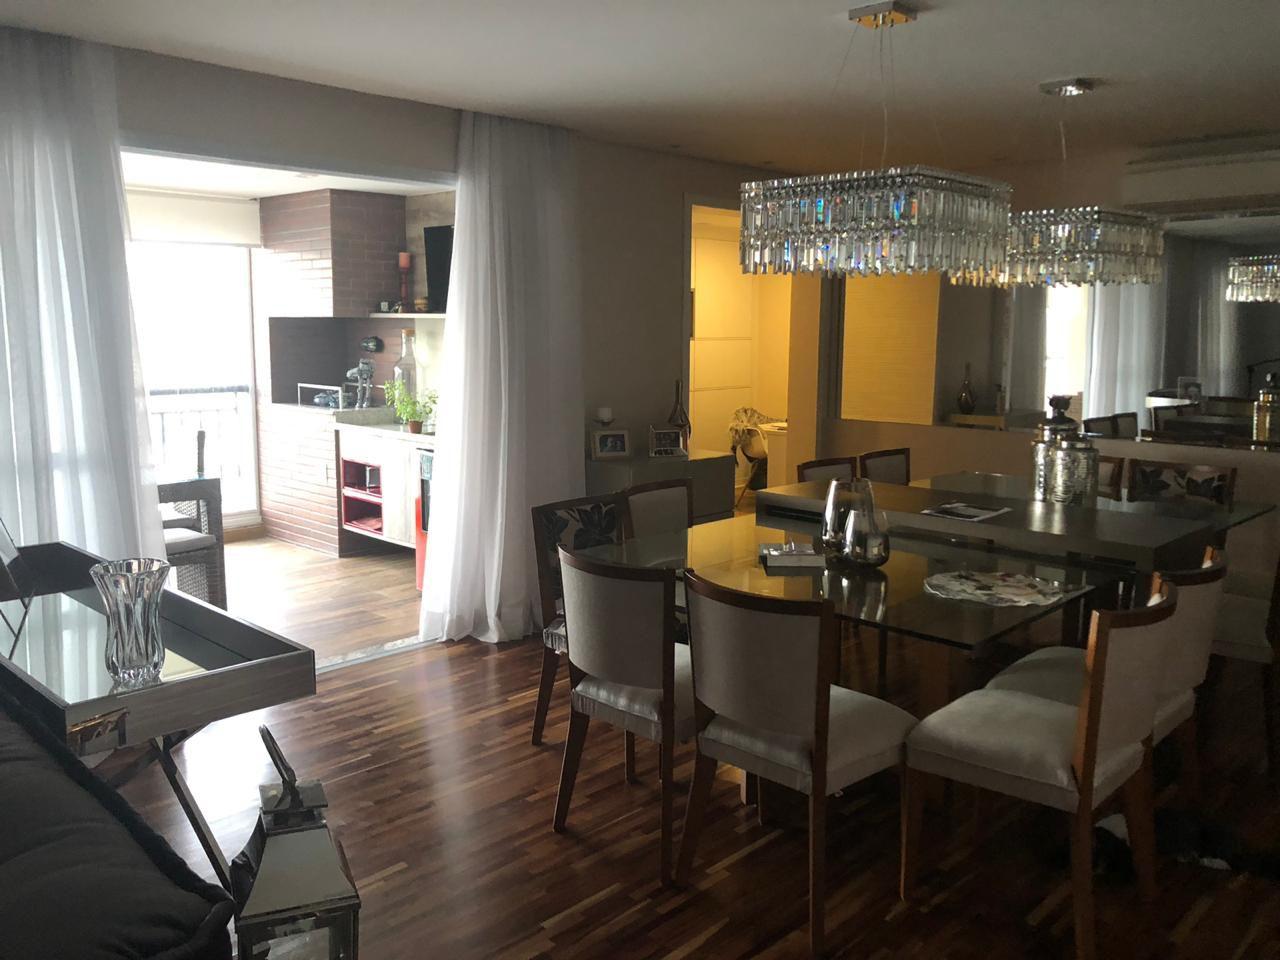 Apartamento Para Venda ou Aluguel - Água Branca - São Paulo - SP - VELO0022MOBI - 1